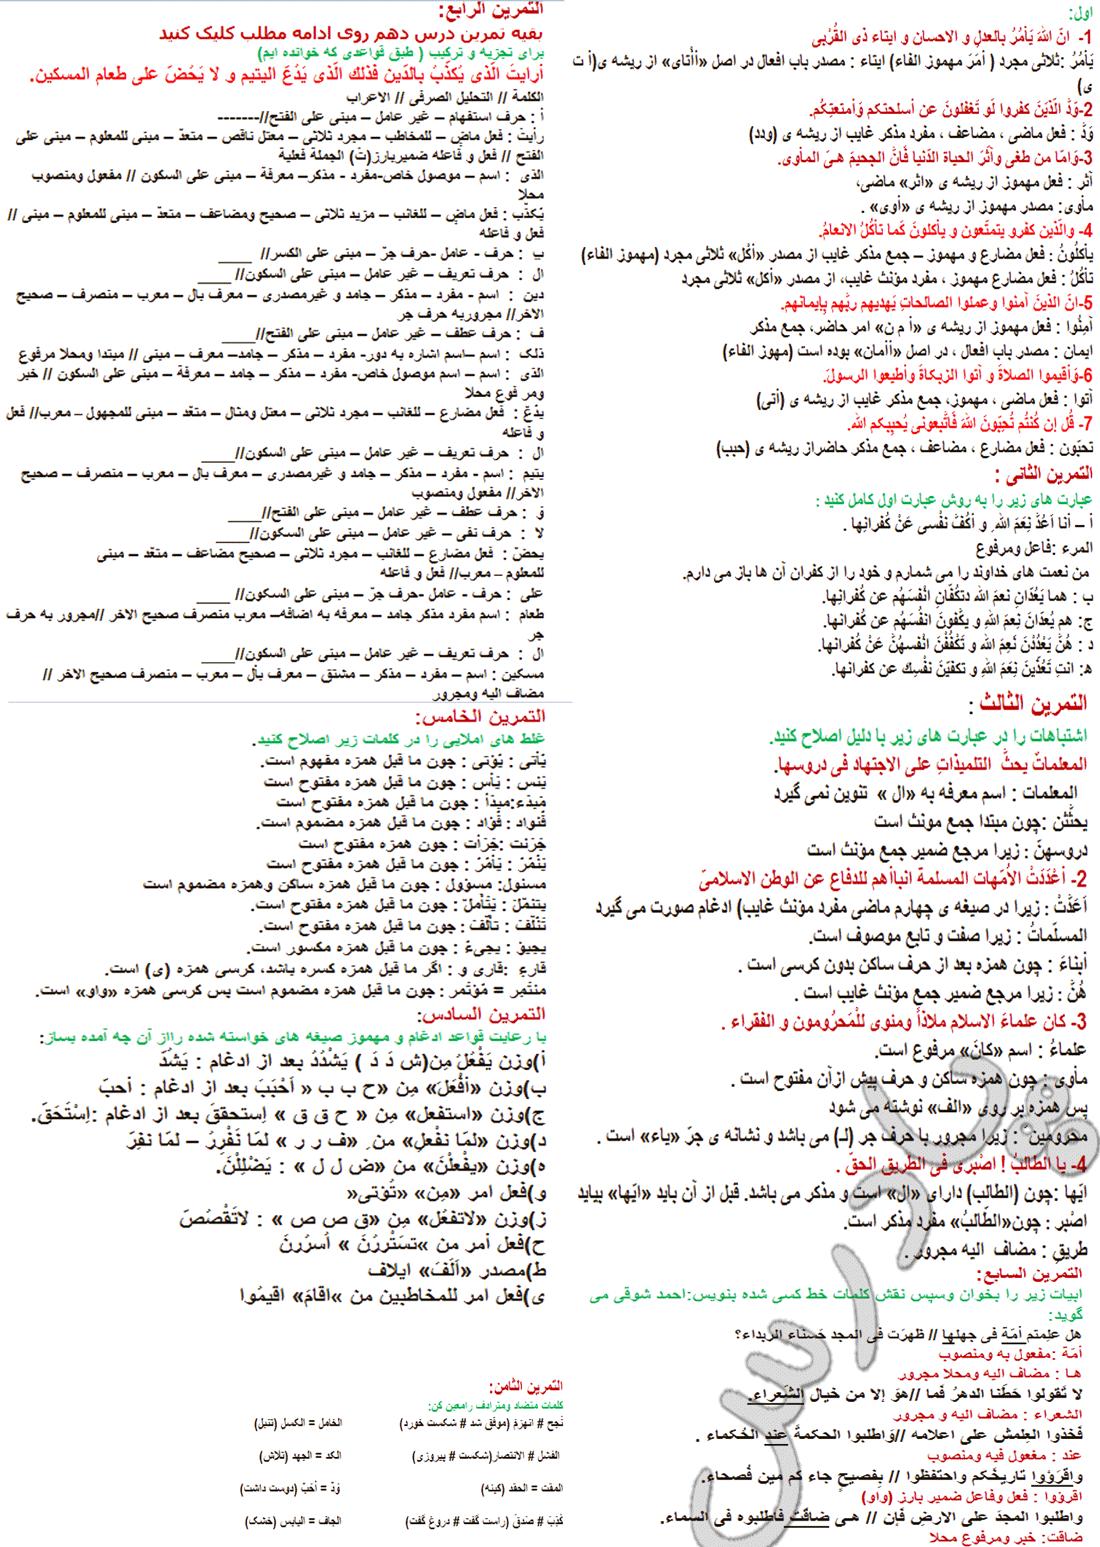 حل تمرینات درس 10 عربی پیش دانشگاهی انسانی